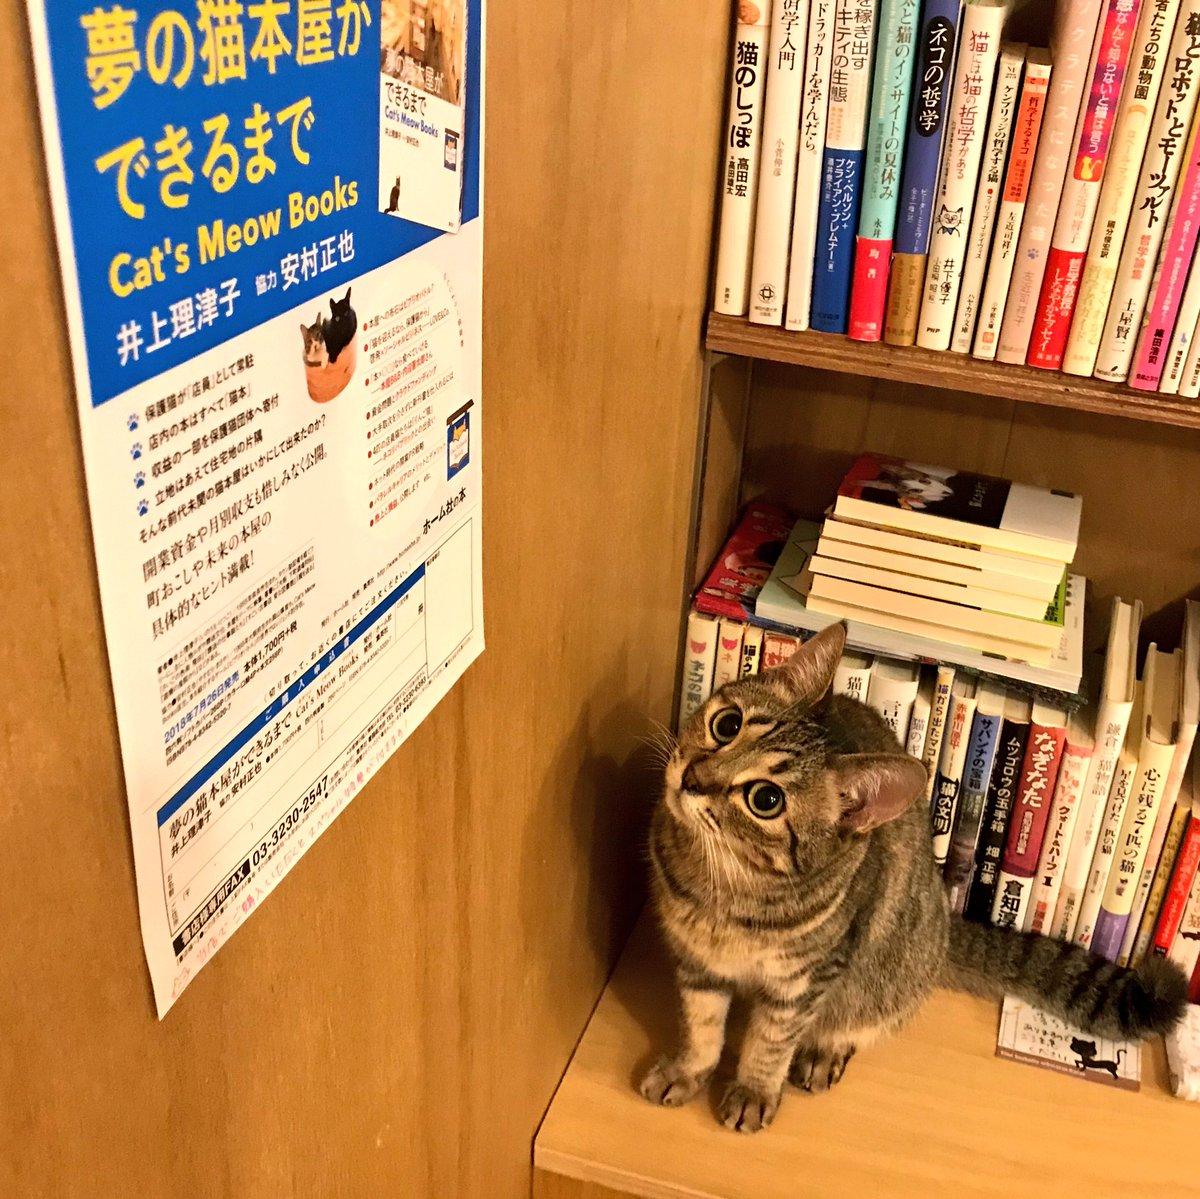 キャッツミャウブックス catsmeowbooks twitter